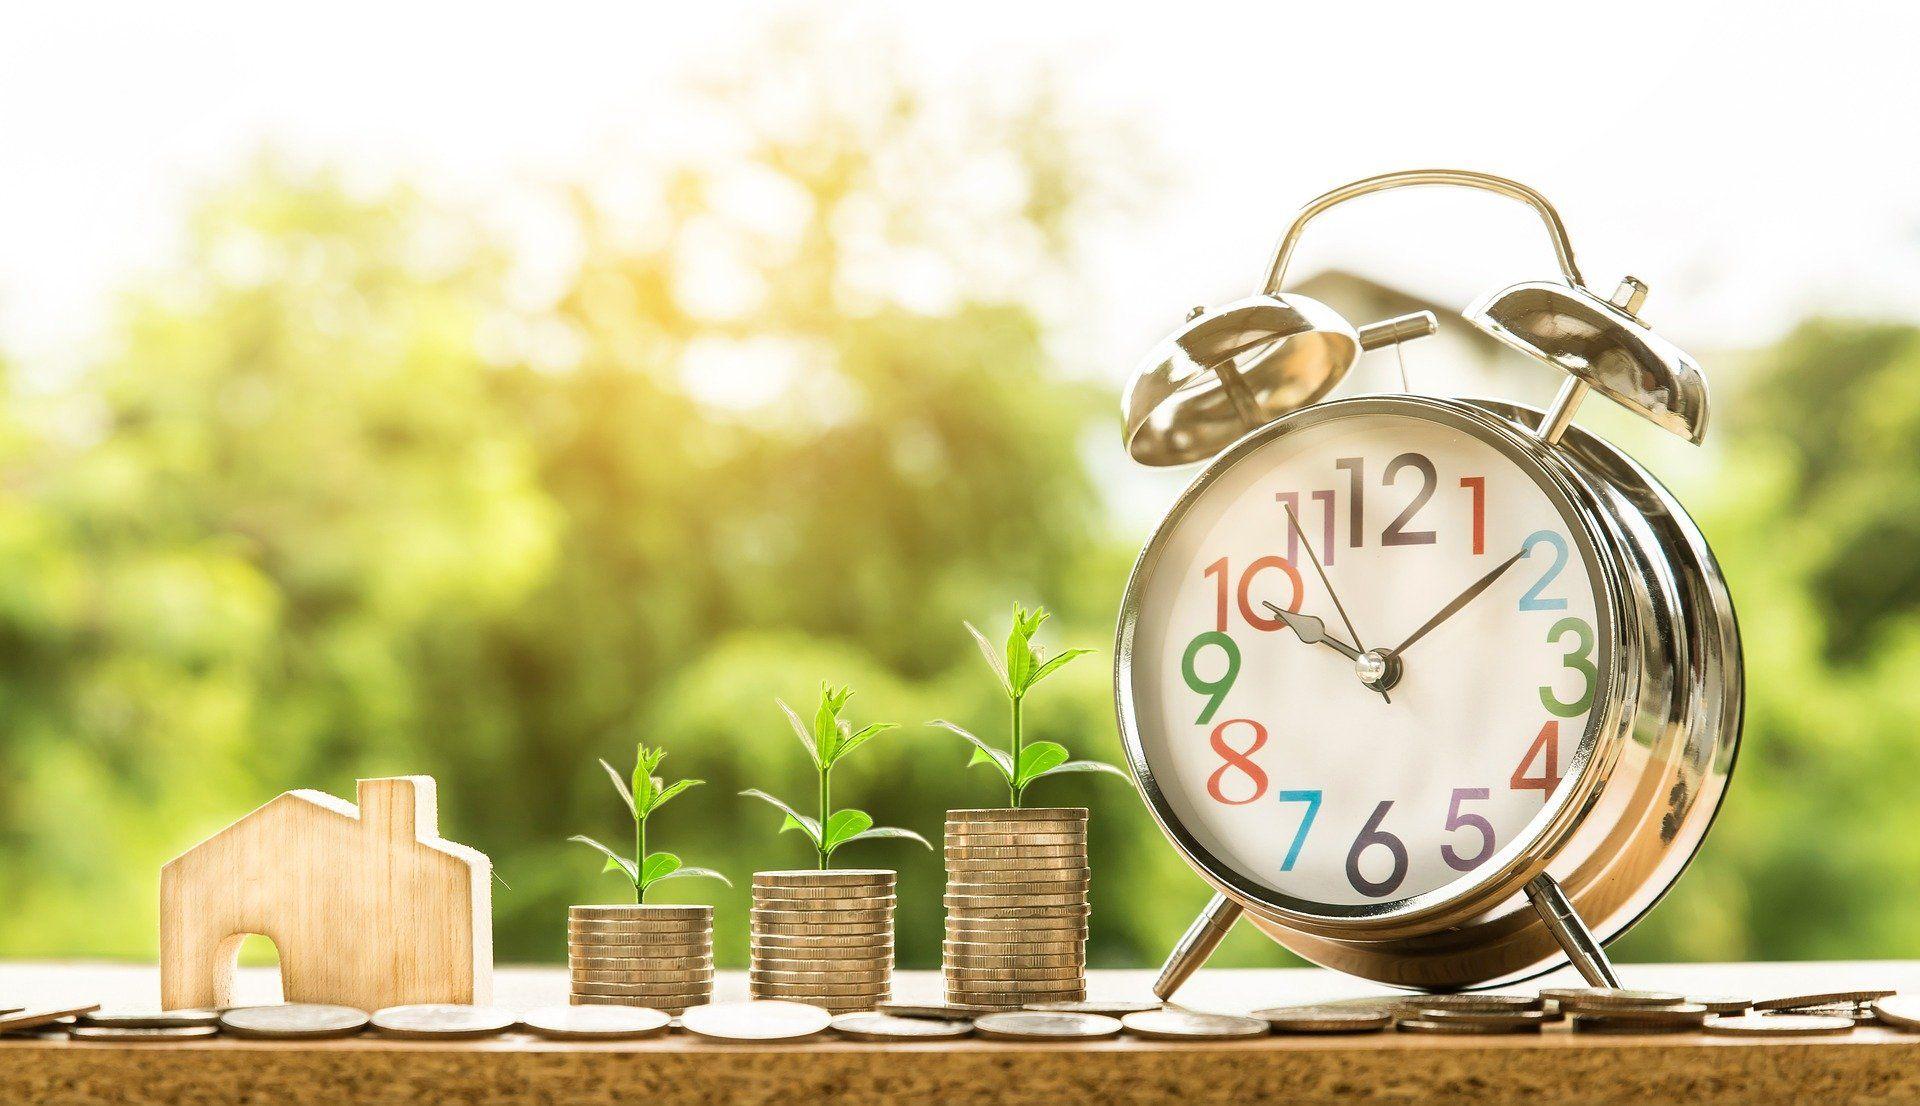 Guter Zeitpunkt für Immobilienverkauf